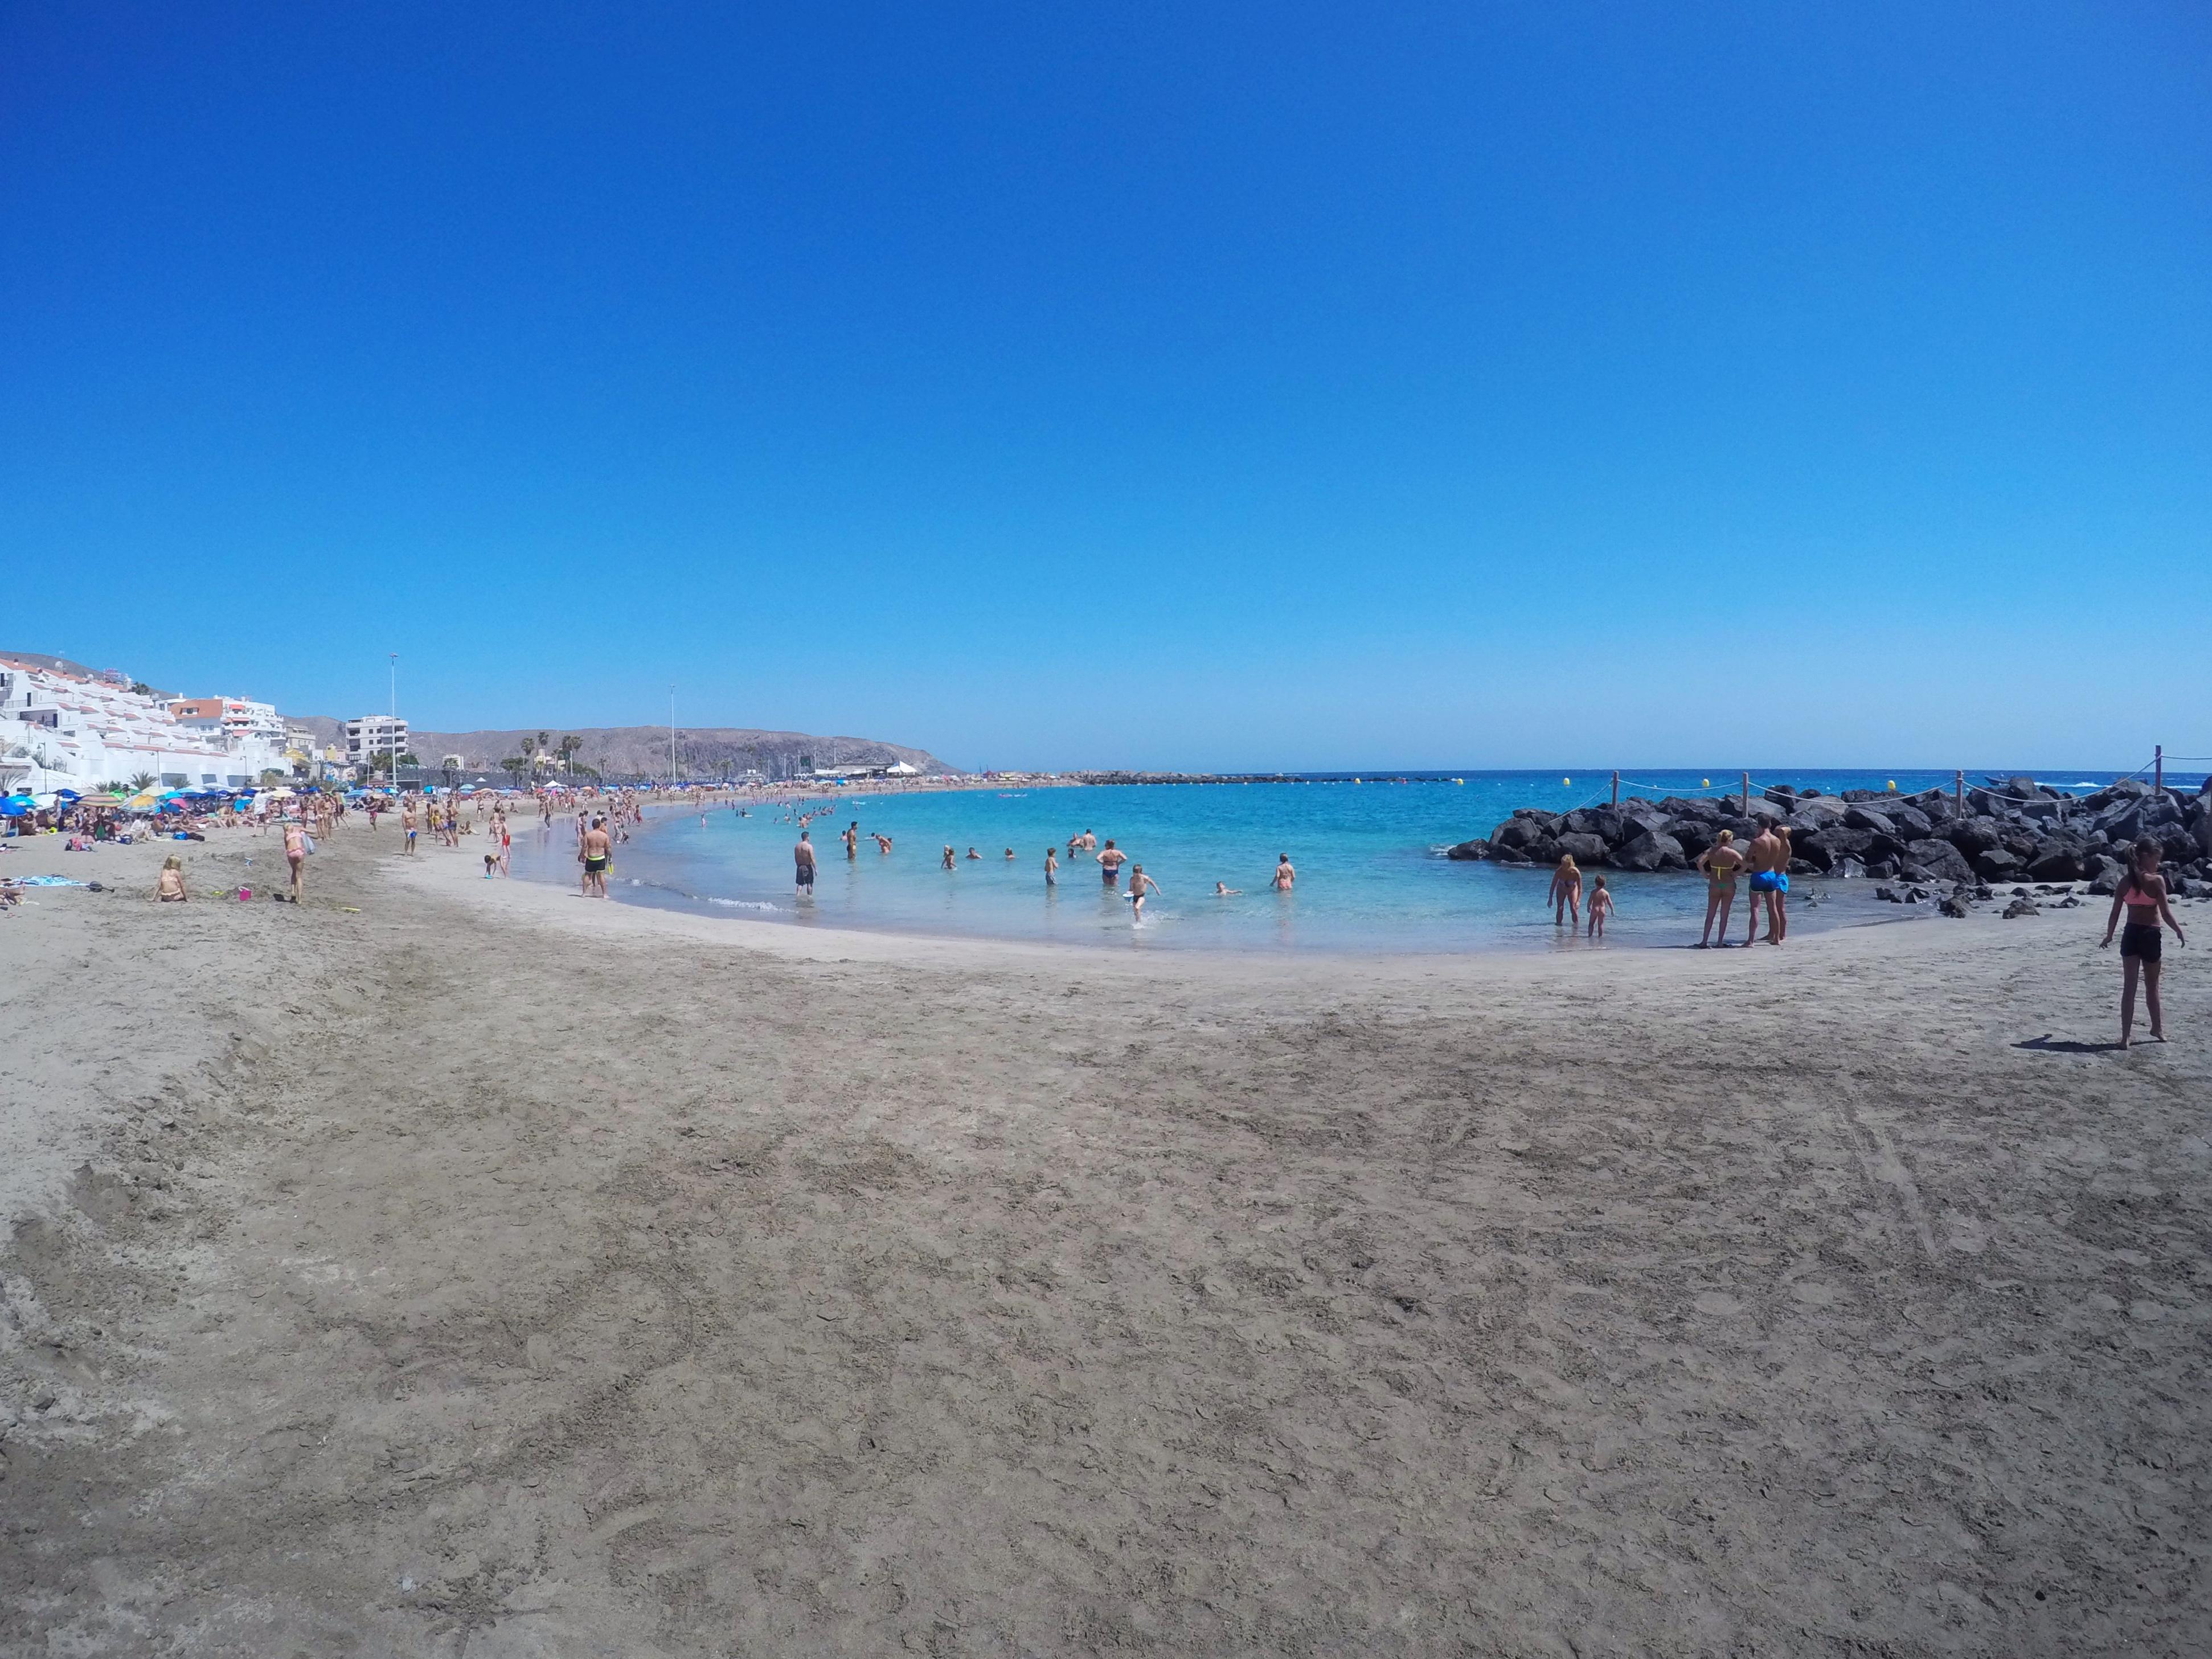 Playa de las Vistas, Tenerife